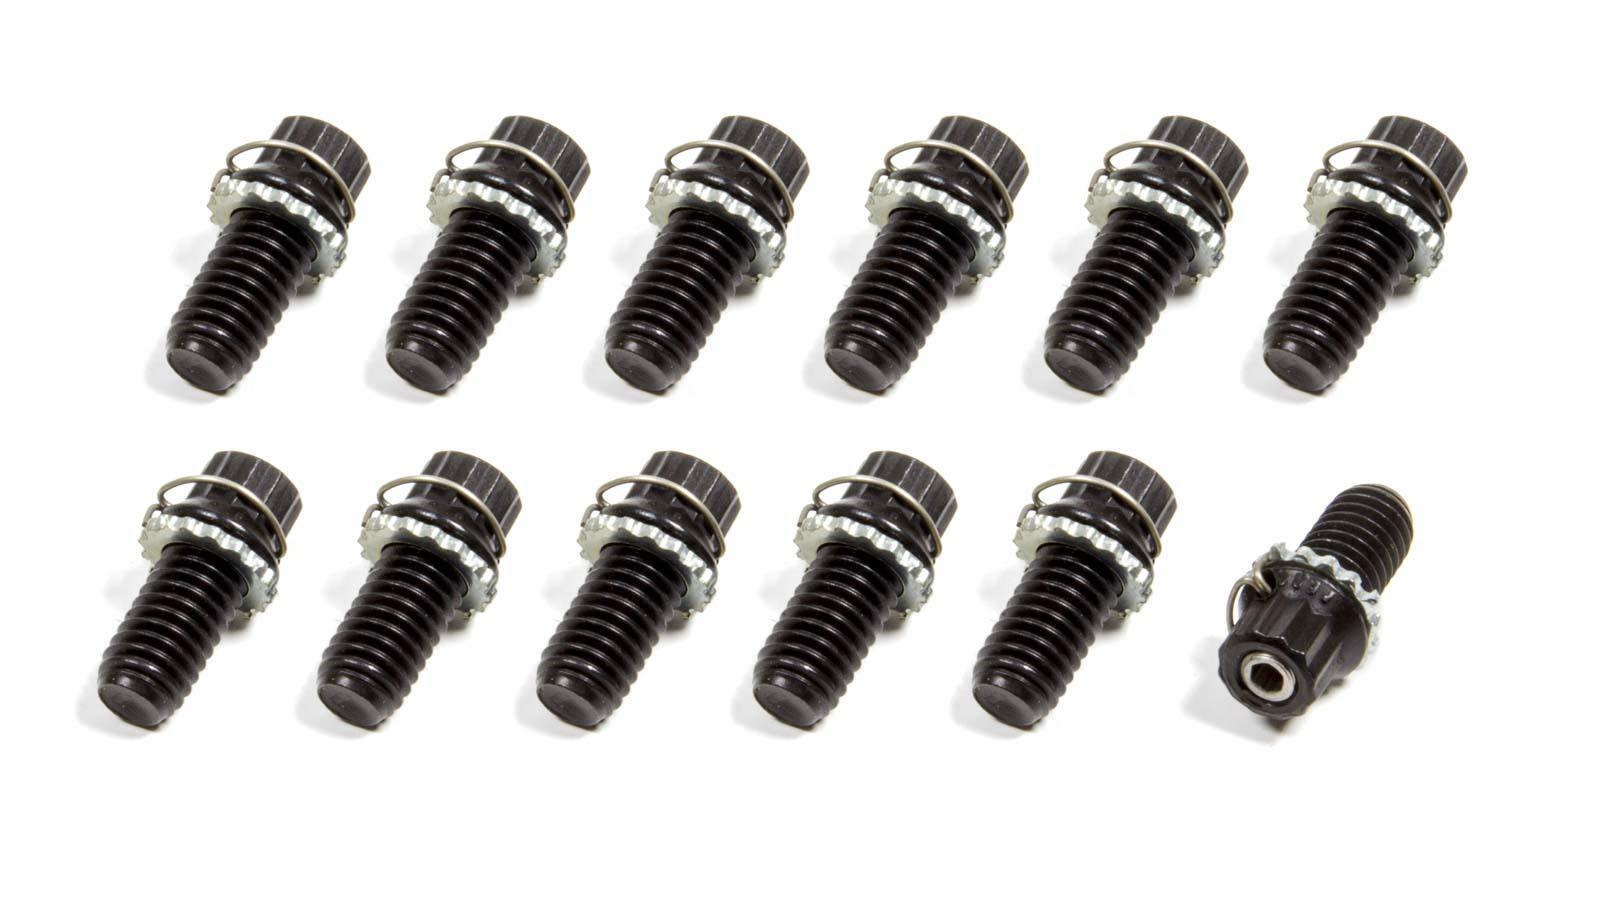 Vibe-Lock Blk Oxide Bolt Kit 3/8-16 x 3/4 12pk